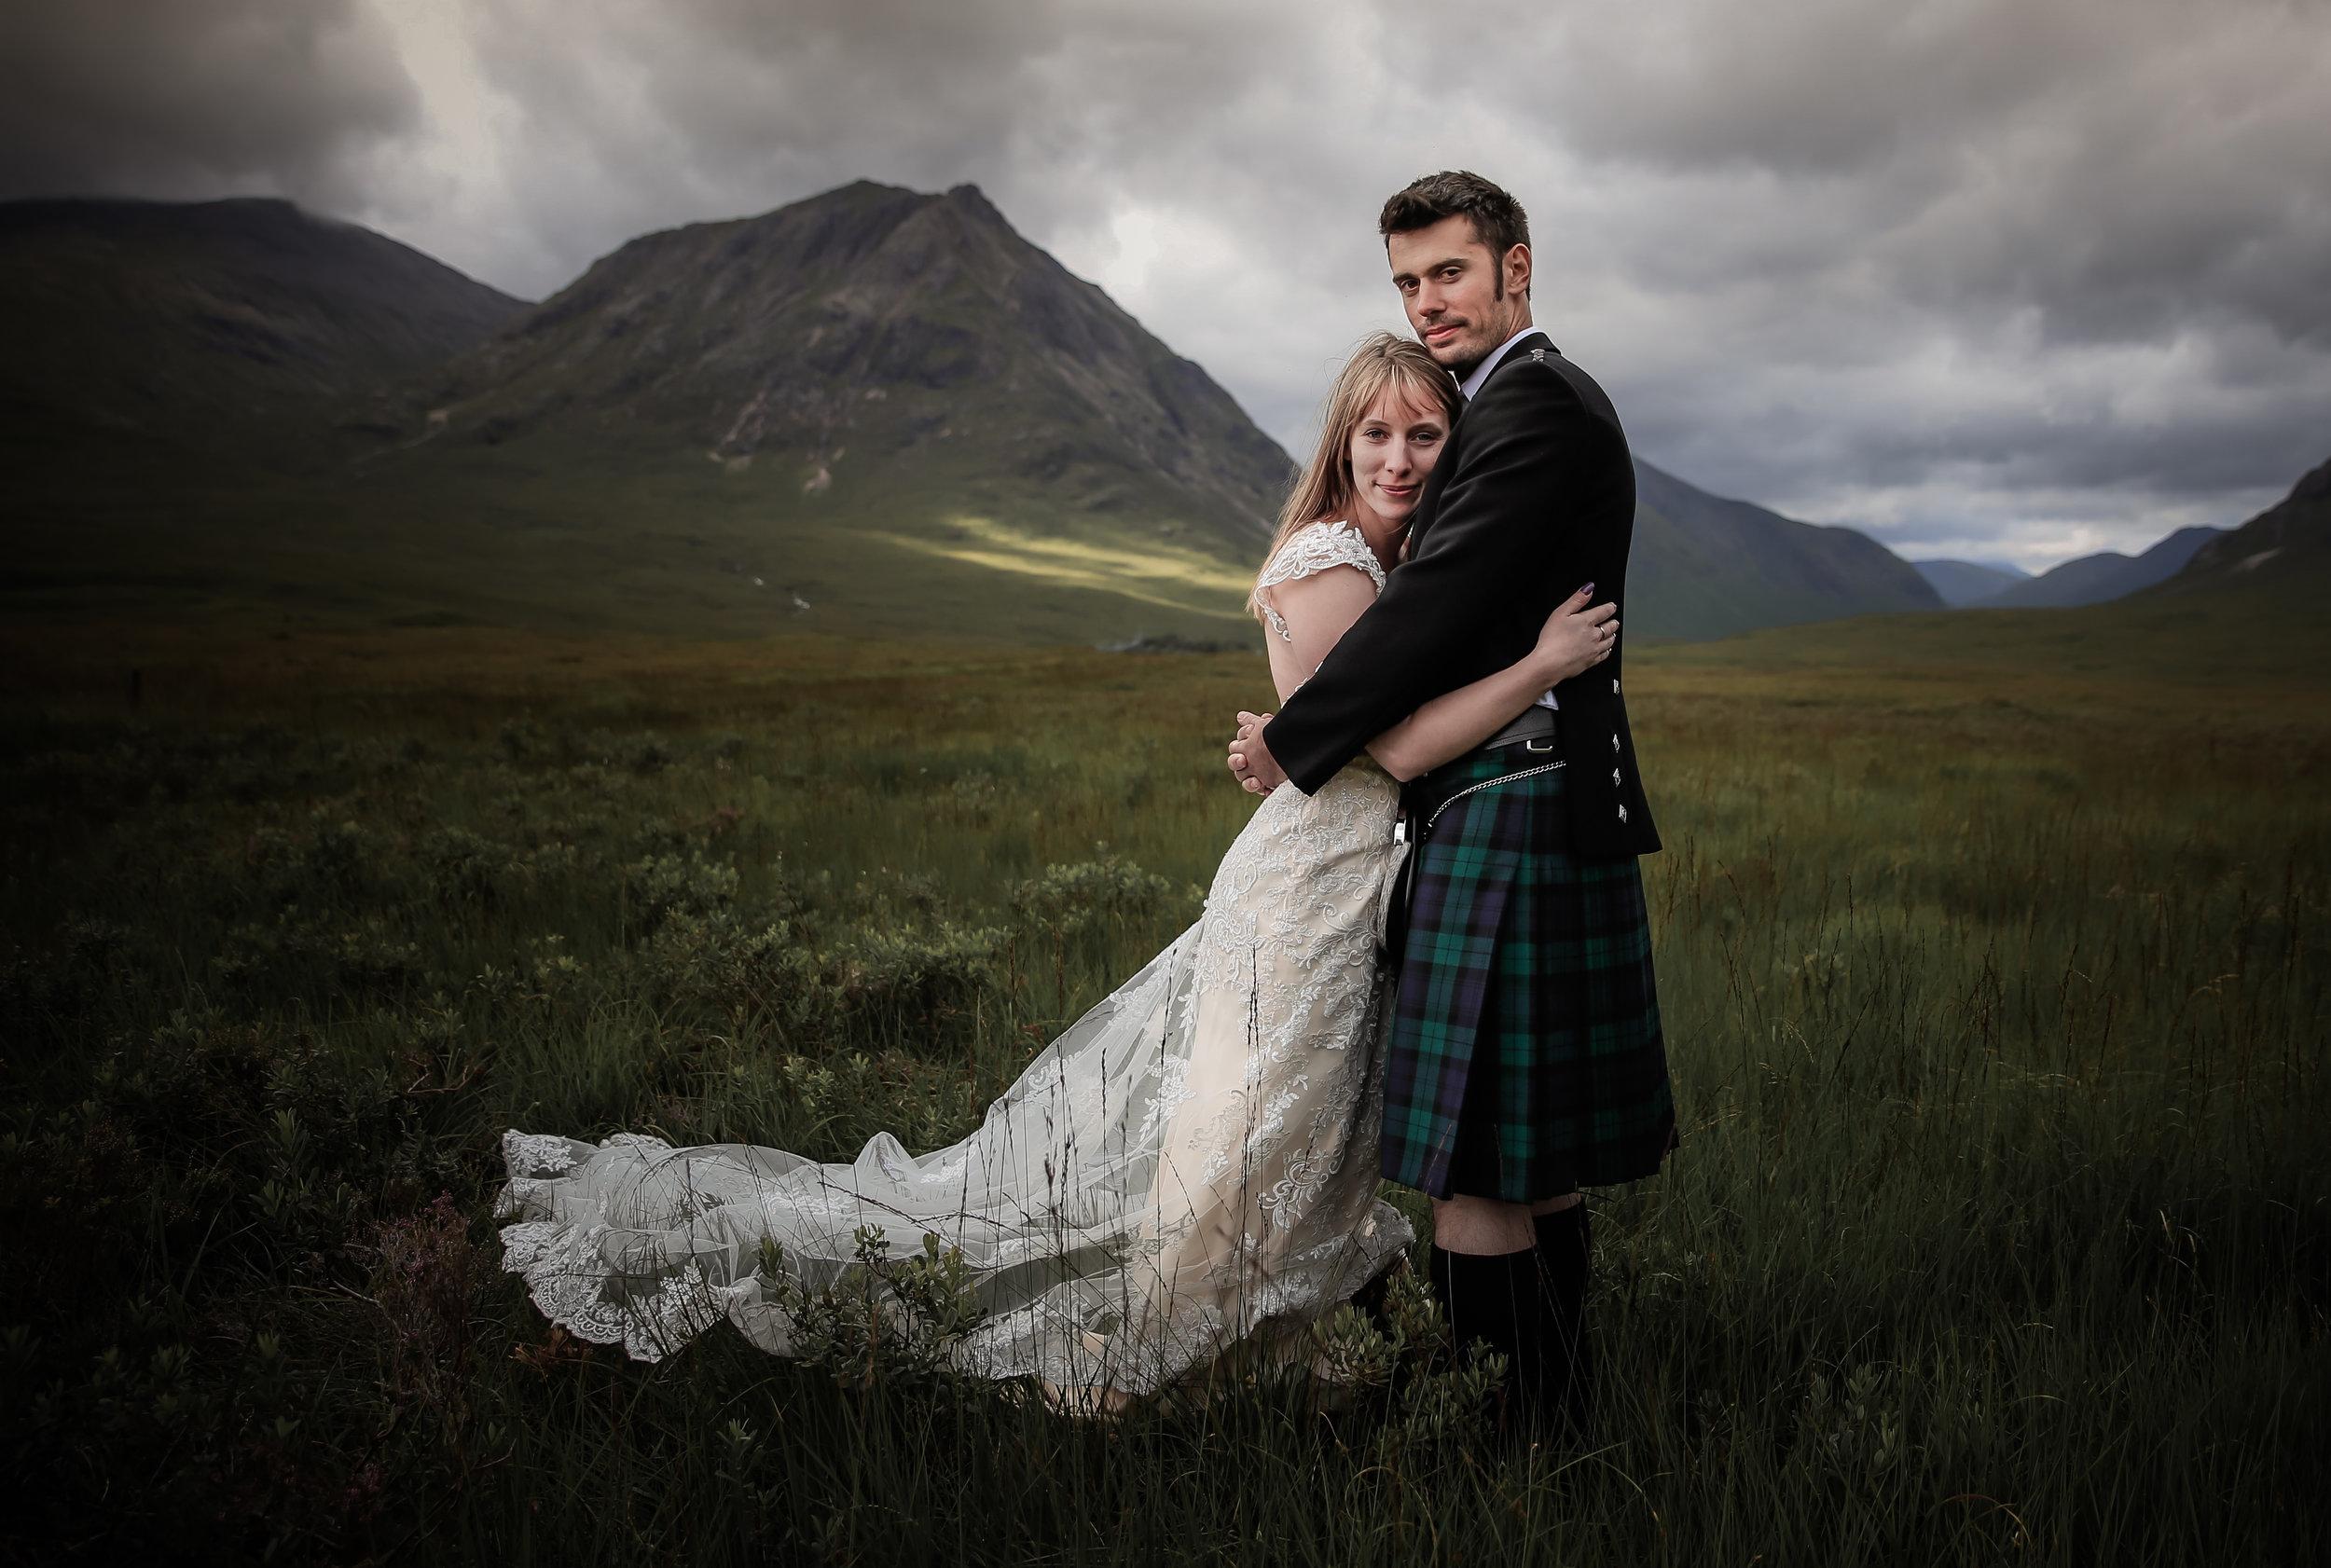 For the Love of the Highlands - Eirinn and Joe